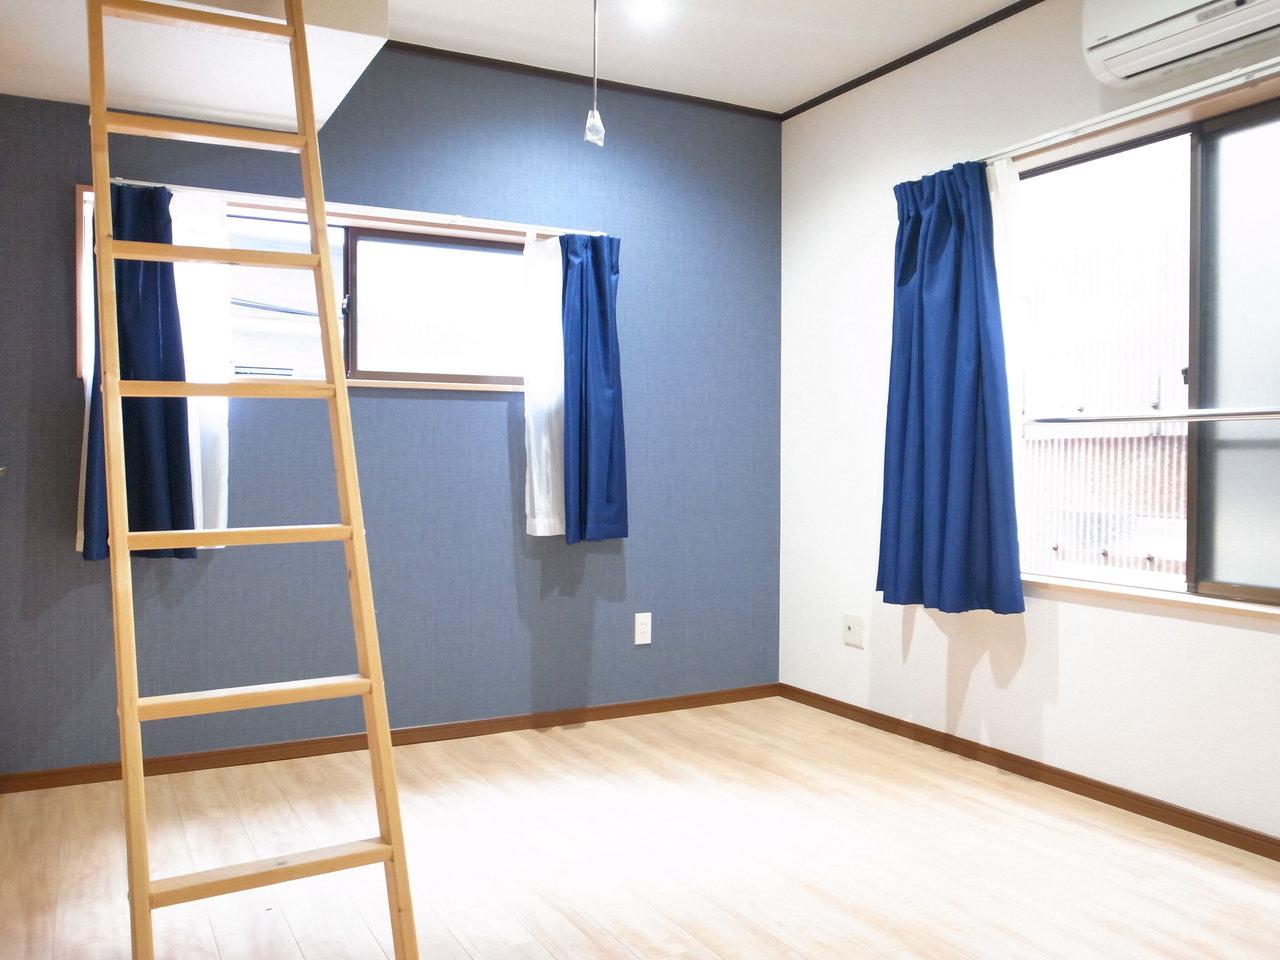 ブルーの壁紙が印象的な、ロフト付きのお部屋。リビング部分は6畳とややコンパクトなので、その分ロフトを使いこなしましょう。